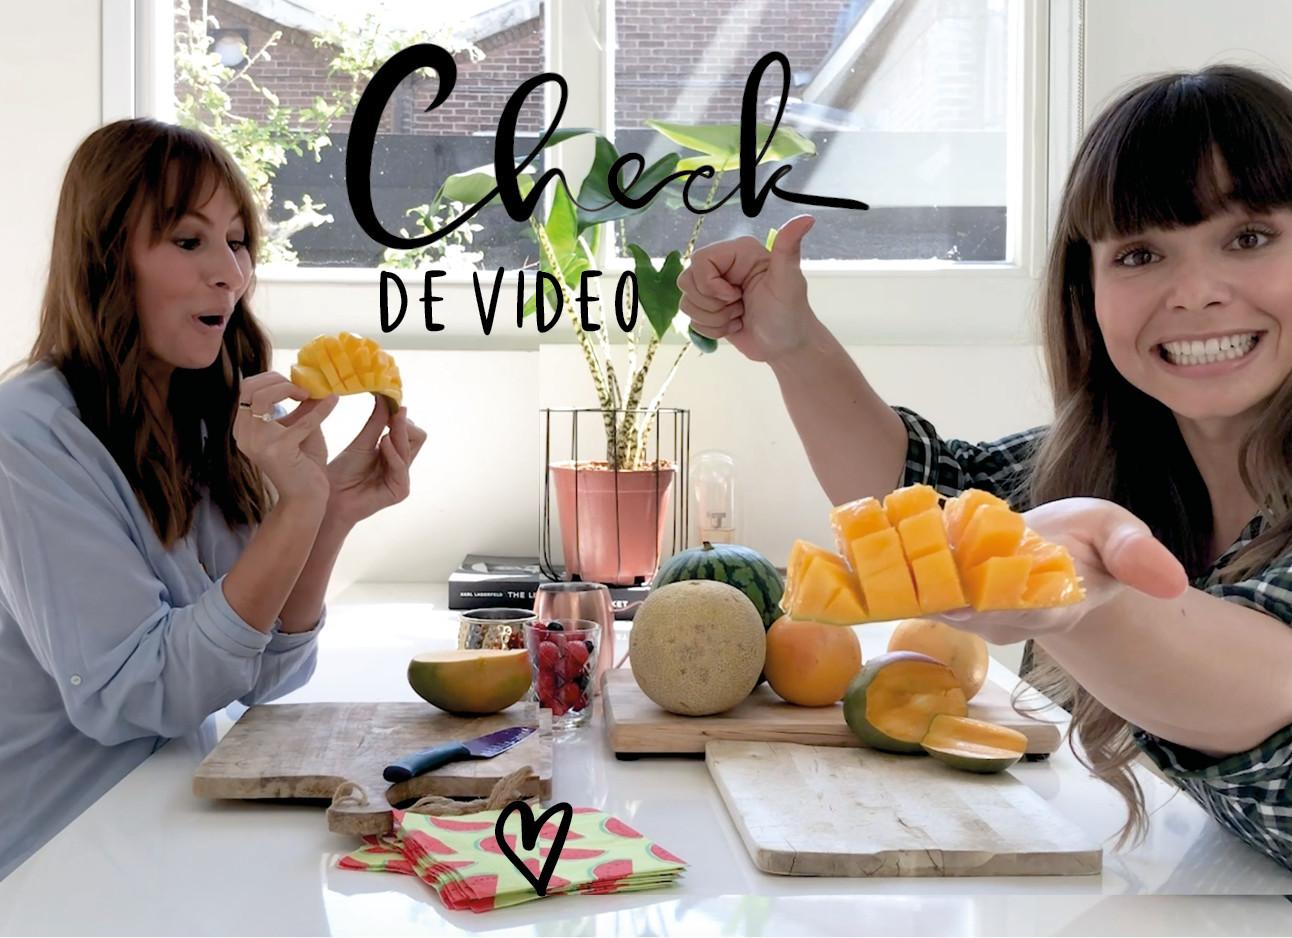 lilian en kiki eten en snijden fruit in de keuken